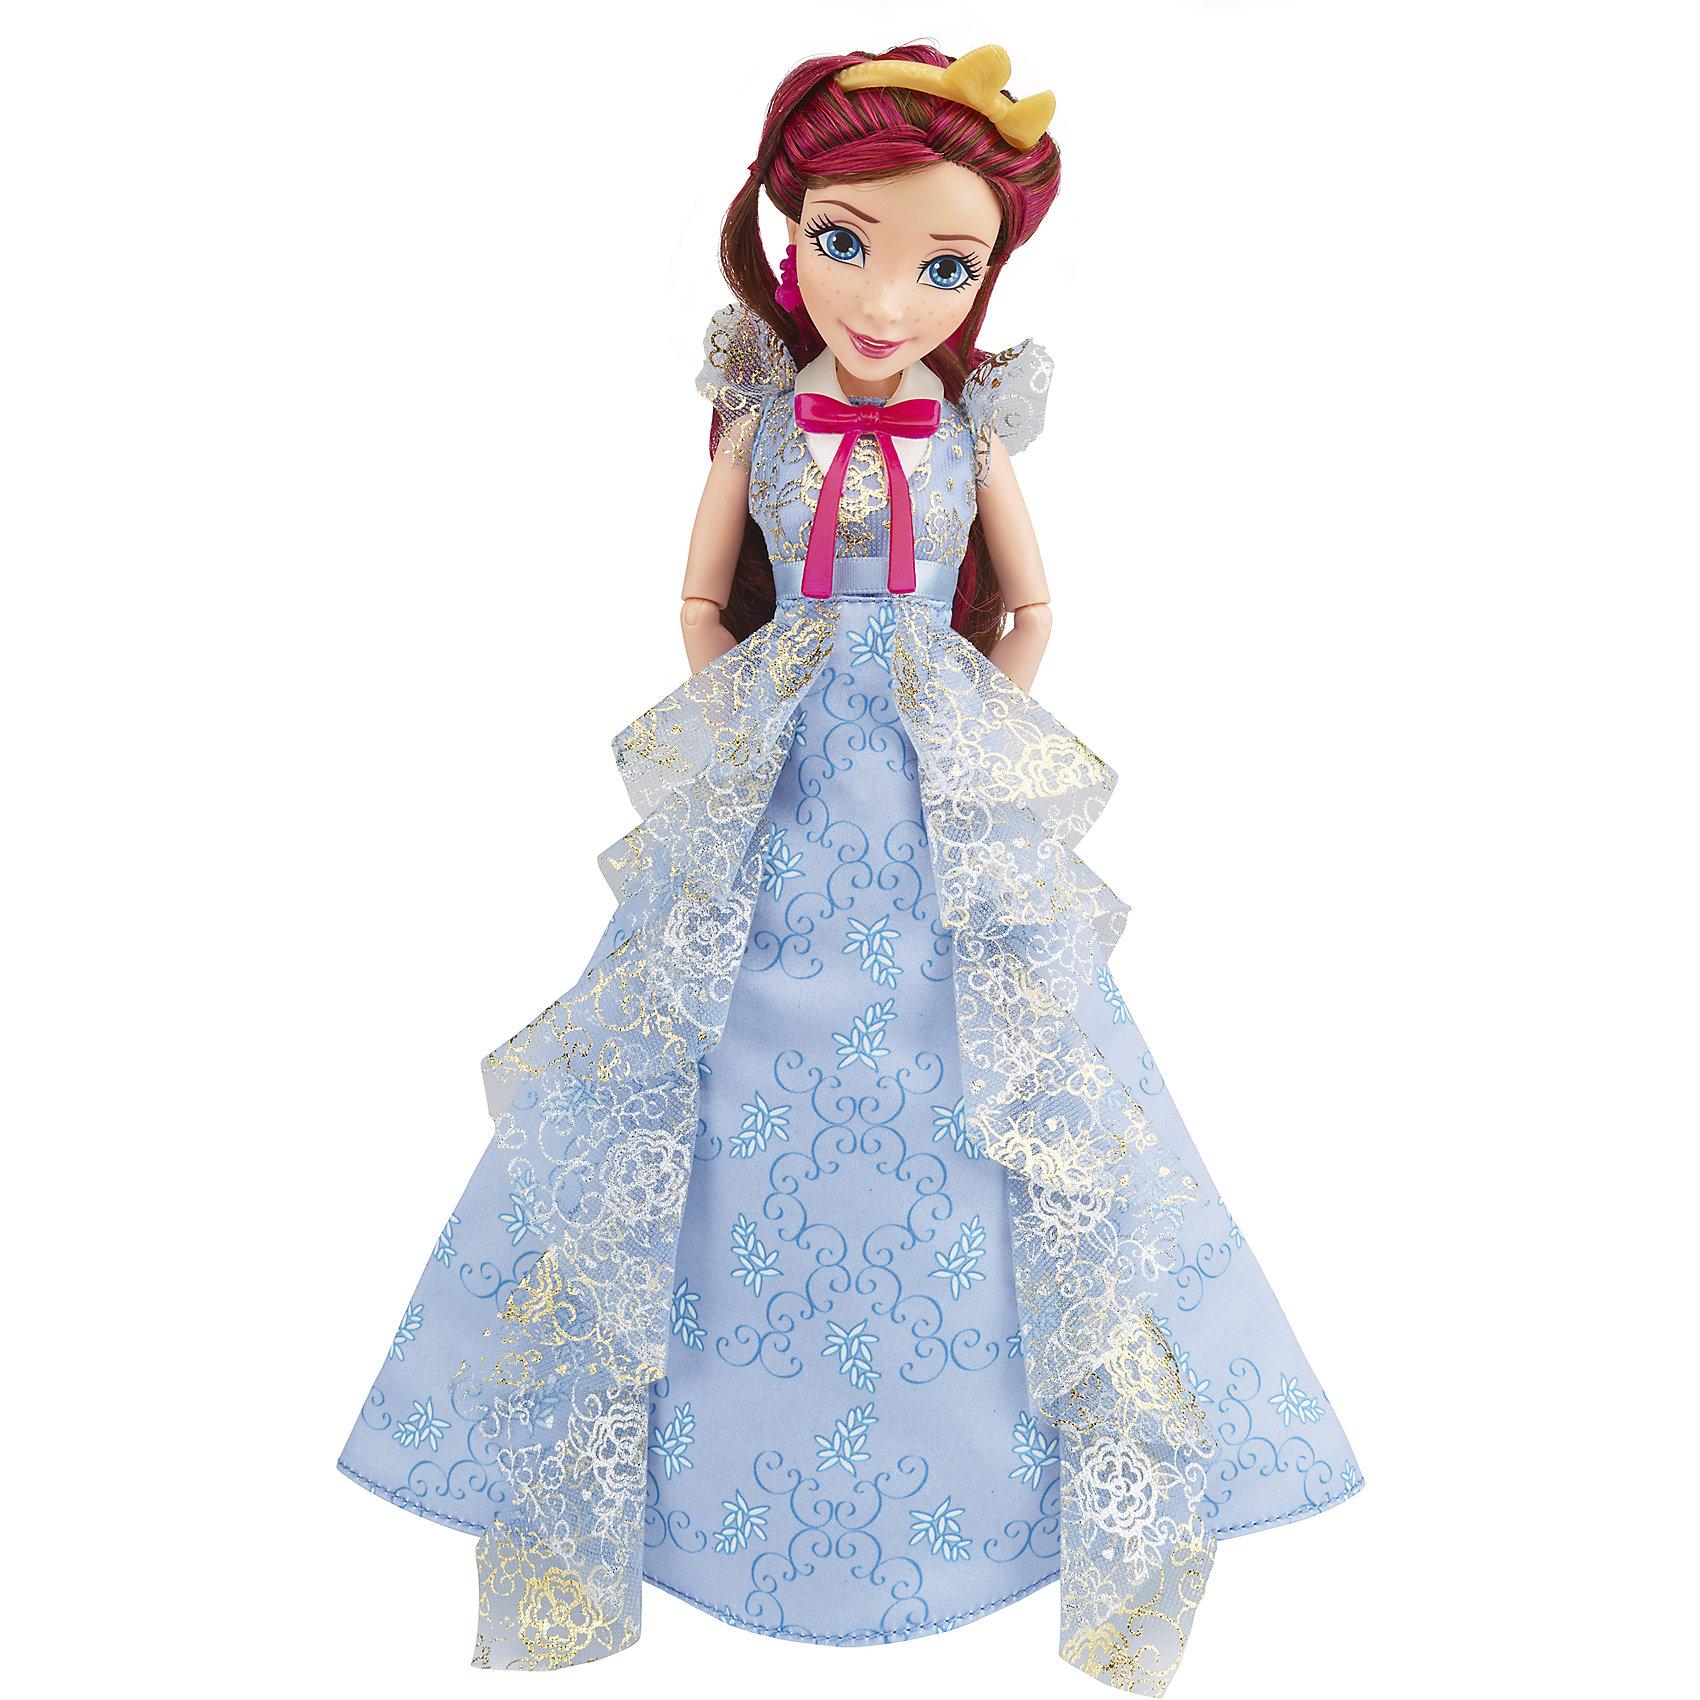 Кукла Джейн, светлые герои в платьях для коронации, Наследники, Disney, B3123/B3125Игрушки<br>Светлые герои в платьях для коронации, Наследники, Disney, B3123/B3125.<br><br>Характеристики:<br><br>- В наборе: 1 кукла в платье для коронации, ободок, браслет, сумочка, кольцо для девочки<br>- Высота куклы: 27,5 см.<br>- Материал: высококачественный пластик, текстиль<br><br>Замечательная кукла Джейн станет приятным подарком для девочки - поклонницы мультфильма «Наследники». Кукла выполнена с соблюдением внешних особенностей диснеевской героини Джейн из Аурадона, дочери Феи-Крестной, и одета в праздничное платье для коронации. На ней нежно-голубое платье с прозрачными рюшами и серебристым узором. На ногах - золотистые босоножки, которые сочетаются с сумочкой. На руке - красивый браслет. У куклы красивые густые волосы, которые можно расчесывать и заплетать. Волосы уложены в прическу, на голове красуется ободок с бантиком. Макияж Джейн подчеркивает выразительность глаз, а длинные нарисованные реснички делают взгляд проницательным и ярким. А еще вашу малышку ждет приятный сюрприз - в набор входит золотистое колечко с гербом, которое она сможет носить на своей руке. Кукла имеет шарнирное соединение в 11 точках артикуляции, и может принимать любую позу. Игрушка выполнена из качественных, нетоксичных материалов, сертифицированных для производства детских товаров. Используемые красители безопасны для ребёнка.<br><br>Набор Светлые герои в платьях для коронации, Наследники, Disney, B3123/B3125 можно купить в нашем интернет-магазине.<br><br>Ширина мм: 63<br>Глубина мм: 253<br>Высота мм: 1750<br>Вес г: 393<br>Возраст от месяцев: 72<br>Возраст до месяцев: 168<br>Пол: Женский<br>Возраст: Детский<br>SKU: 5064678